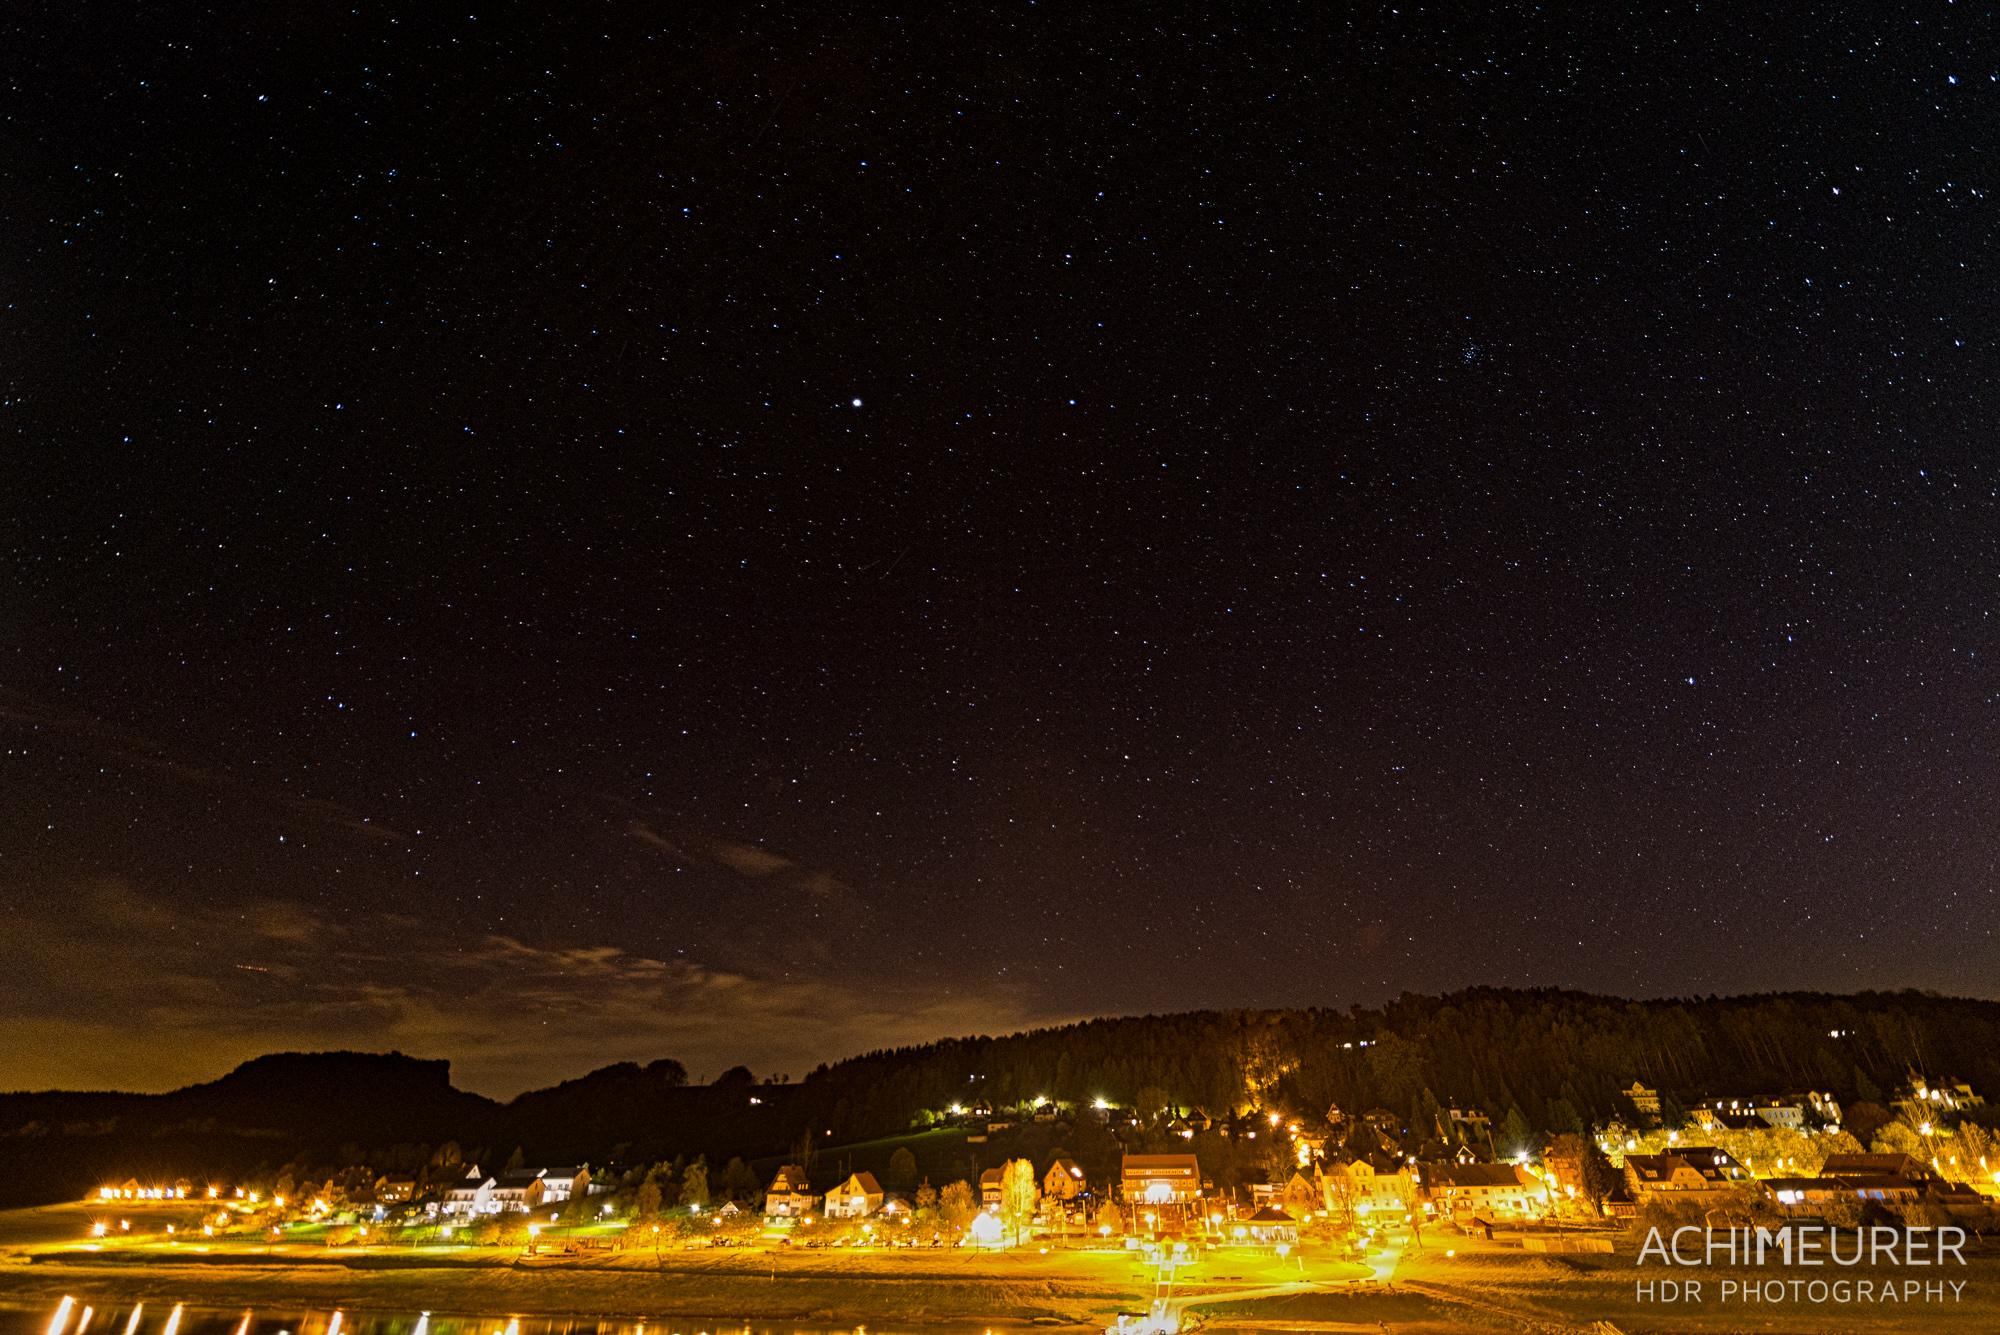 Saechsische-Schweiz-Rathen-Nachtaufnahme-Sternenhimmel_9164_3_2_1_HDR